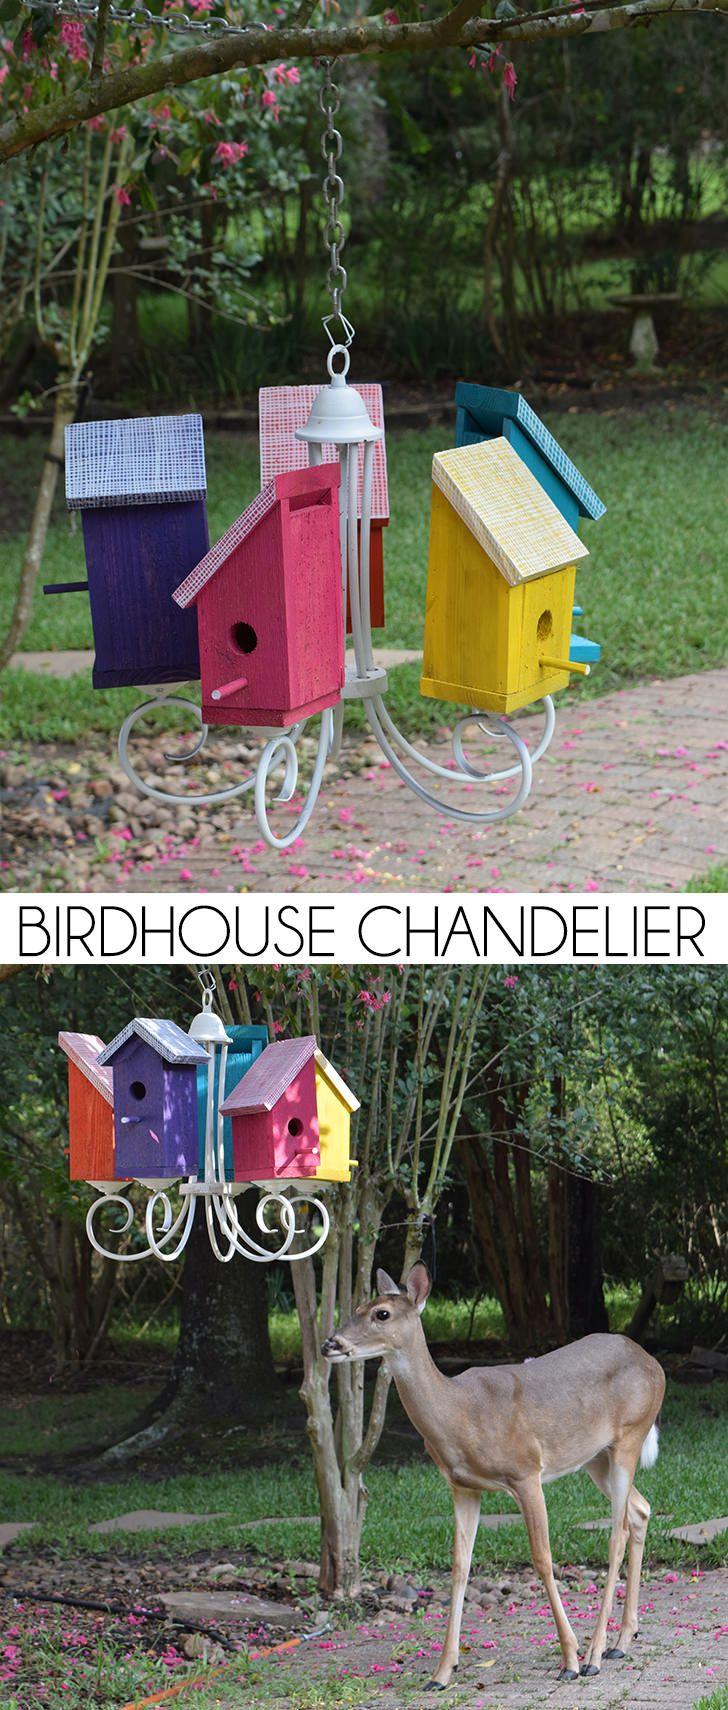 Diy Birdhouse Best 20 Diy Birdhouse Ideas On Pinterest Diy Bird Feeder